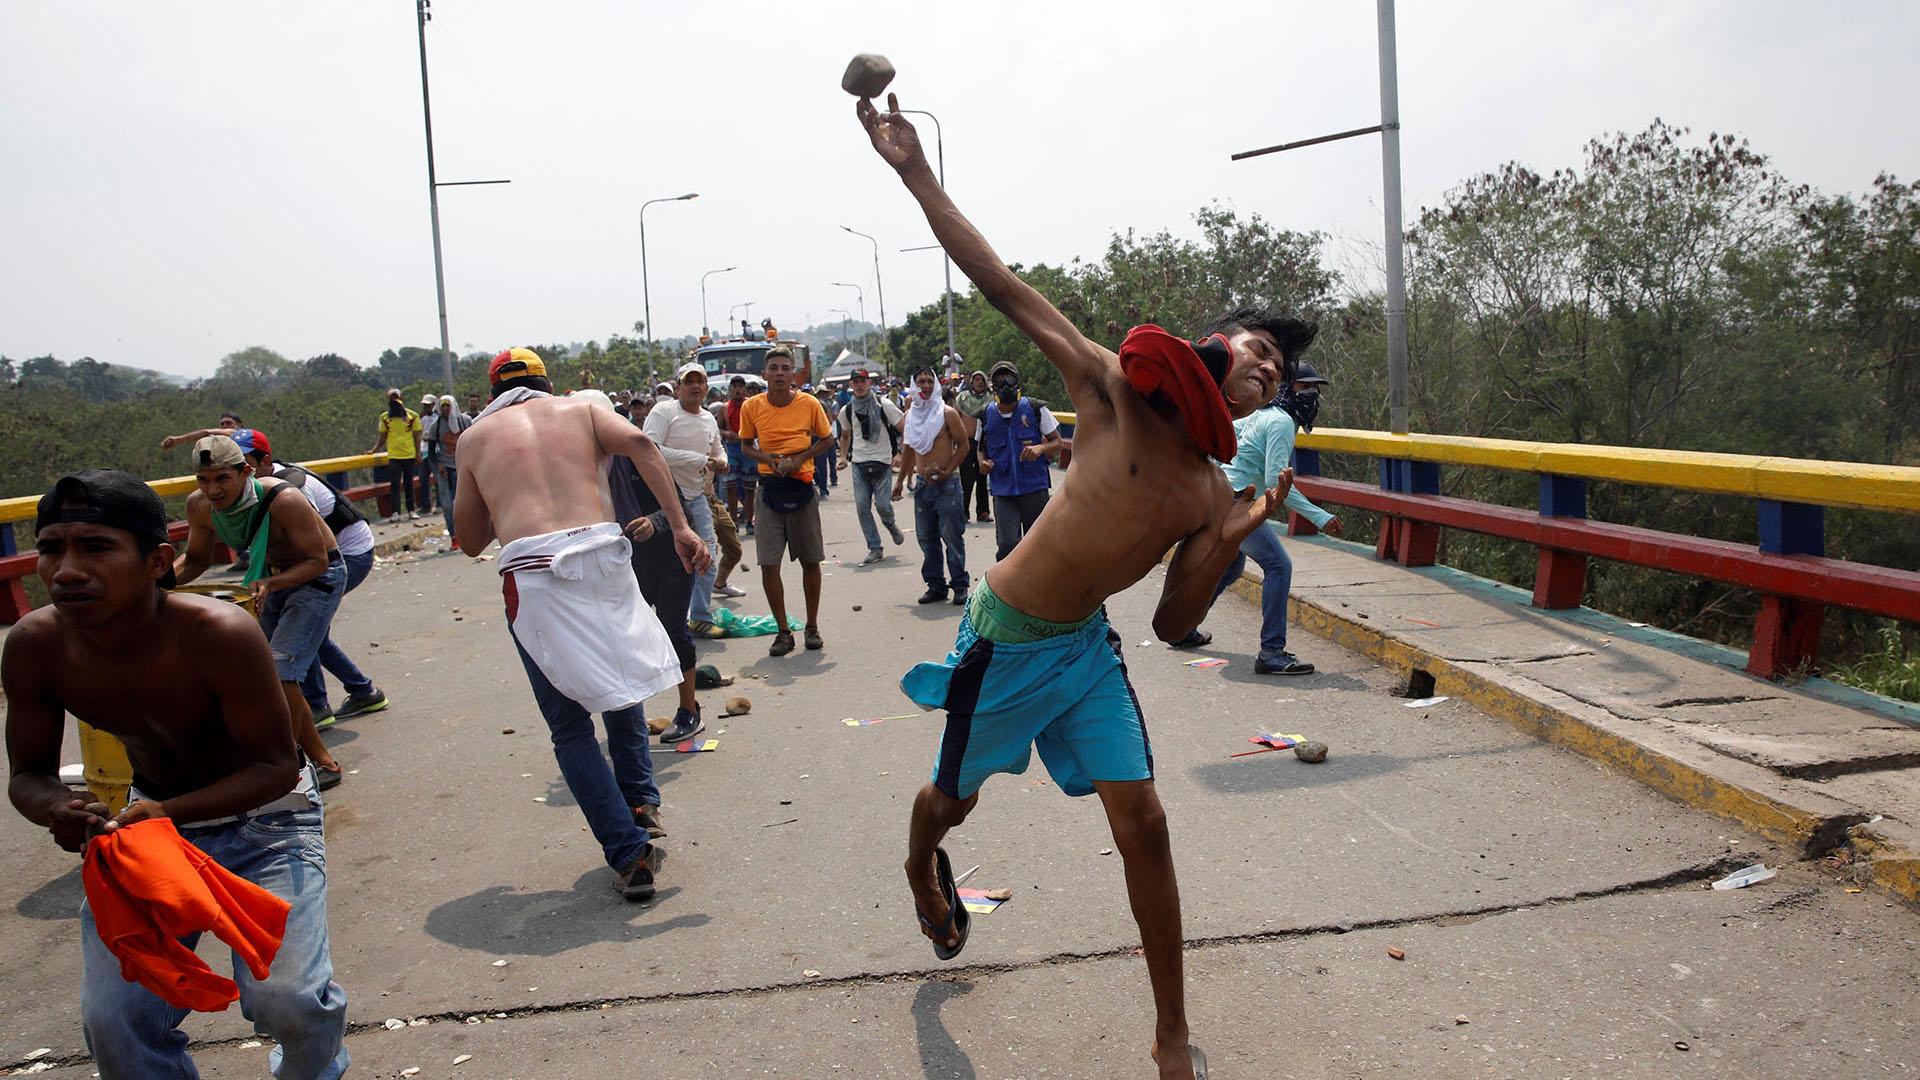 La dictadura de Nicolás Maduro no permite el paso de venezolanos hacia su territorio y reprime de manera brutal (Rueters)